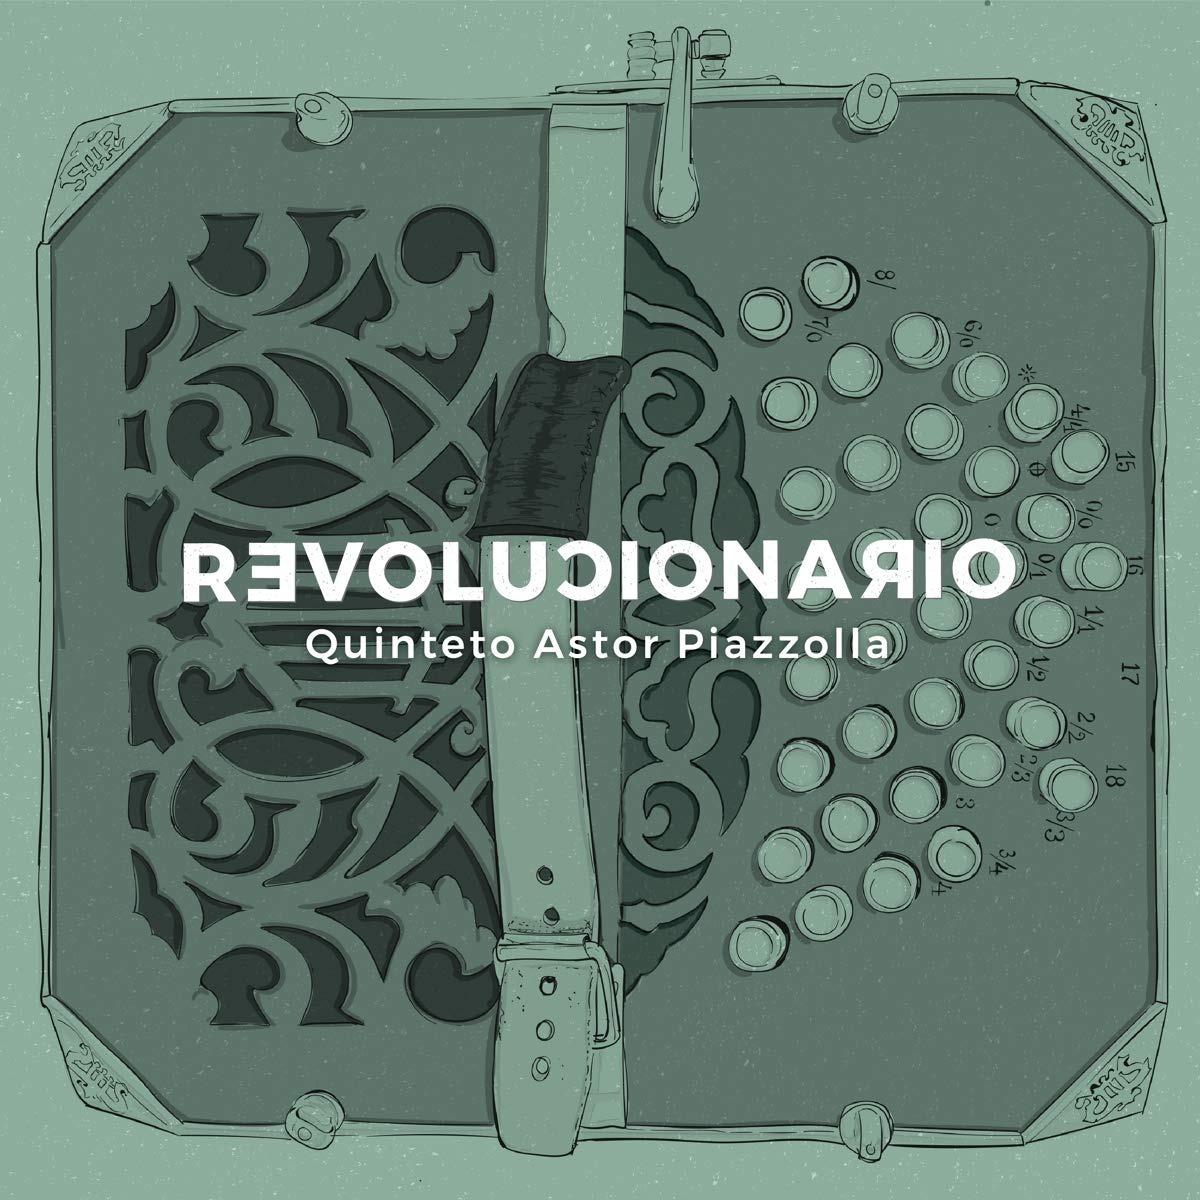 """Resultado de imagen para """"Revolucionario"""" - Quinteto Astor Piazzolla"""